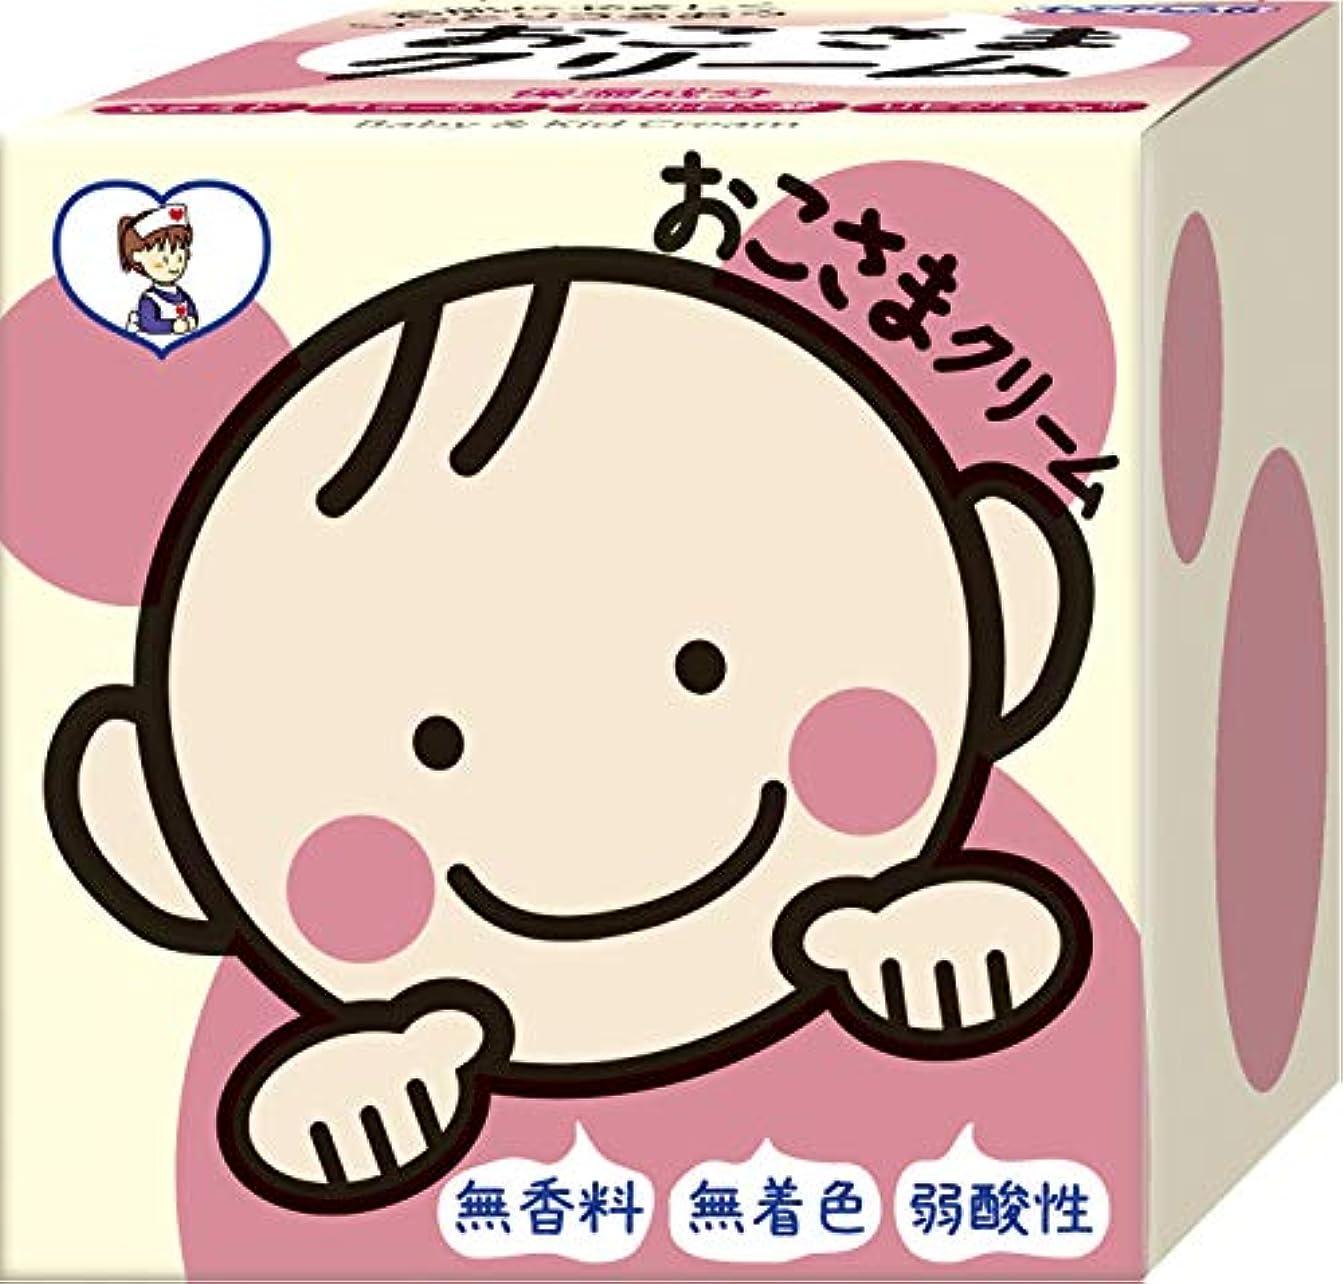 TO-PLAN(トプラン) おこさまクリーム110g 無着色 無香料 低刺激クリーム